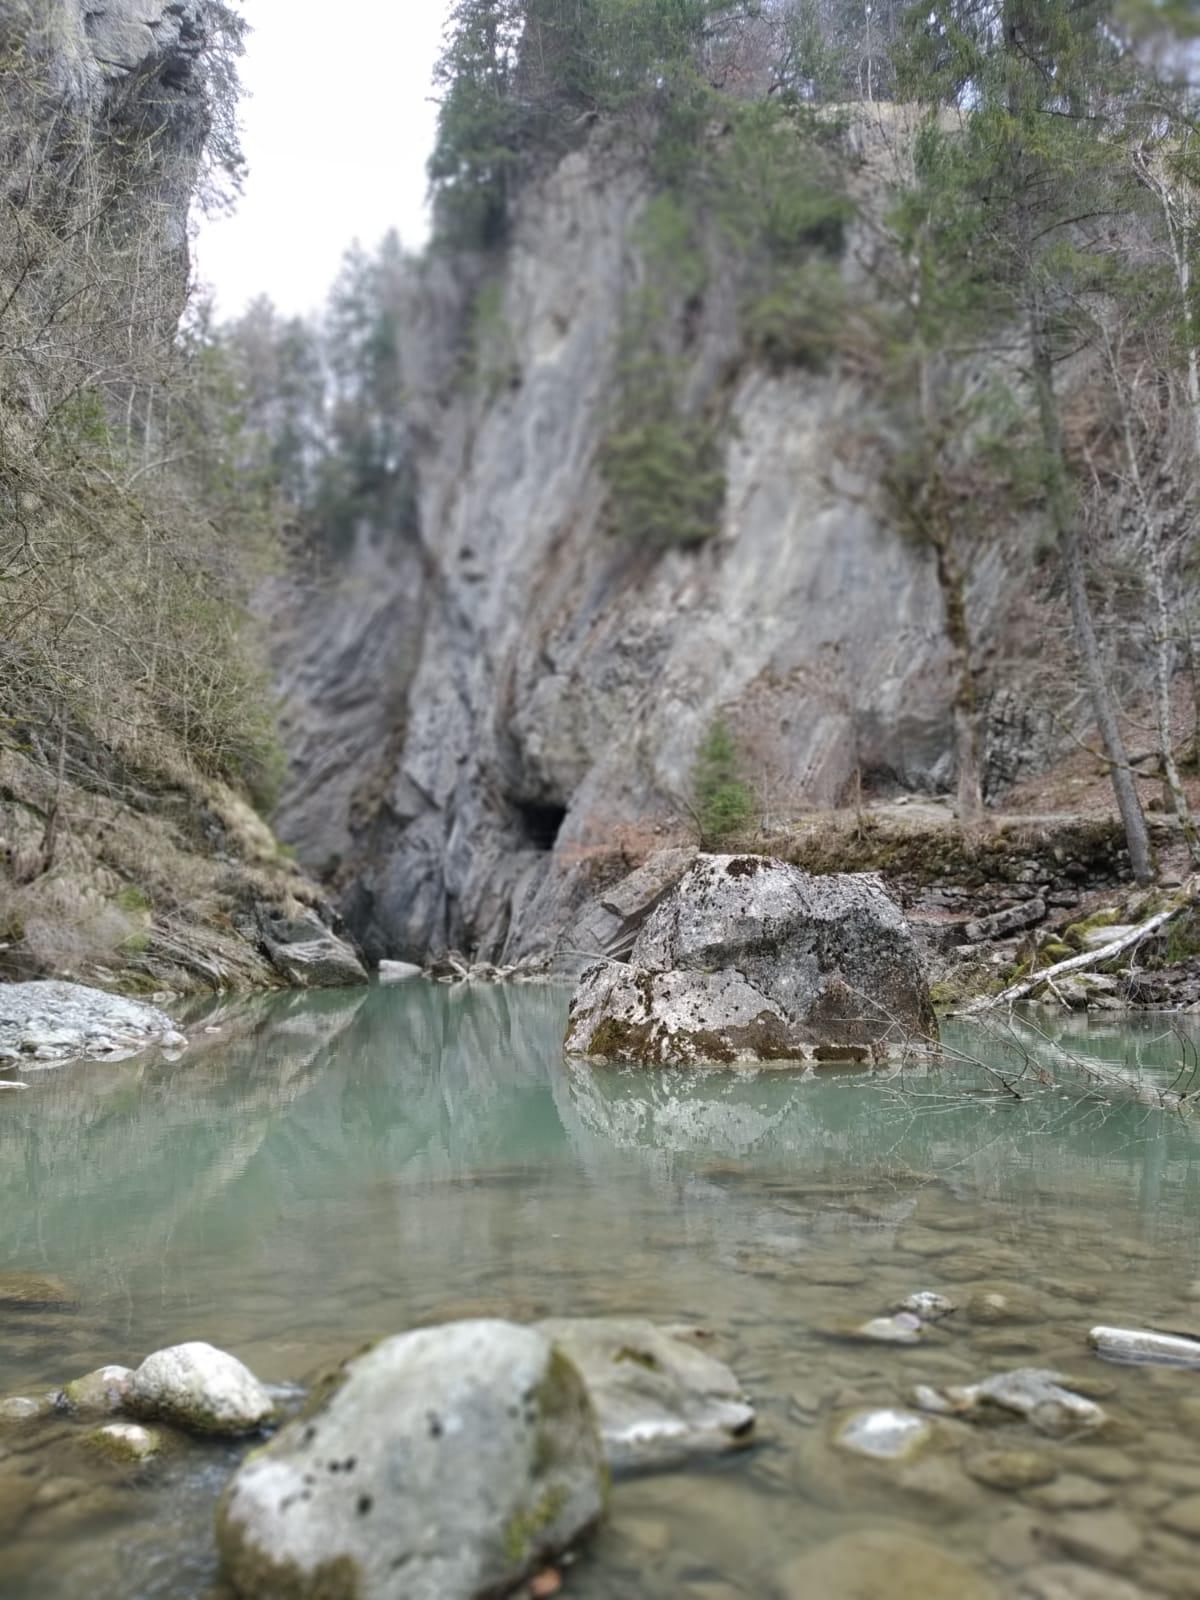 ... beim Ruhen und erkunden der Natur